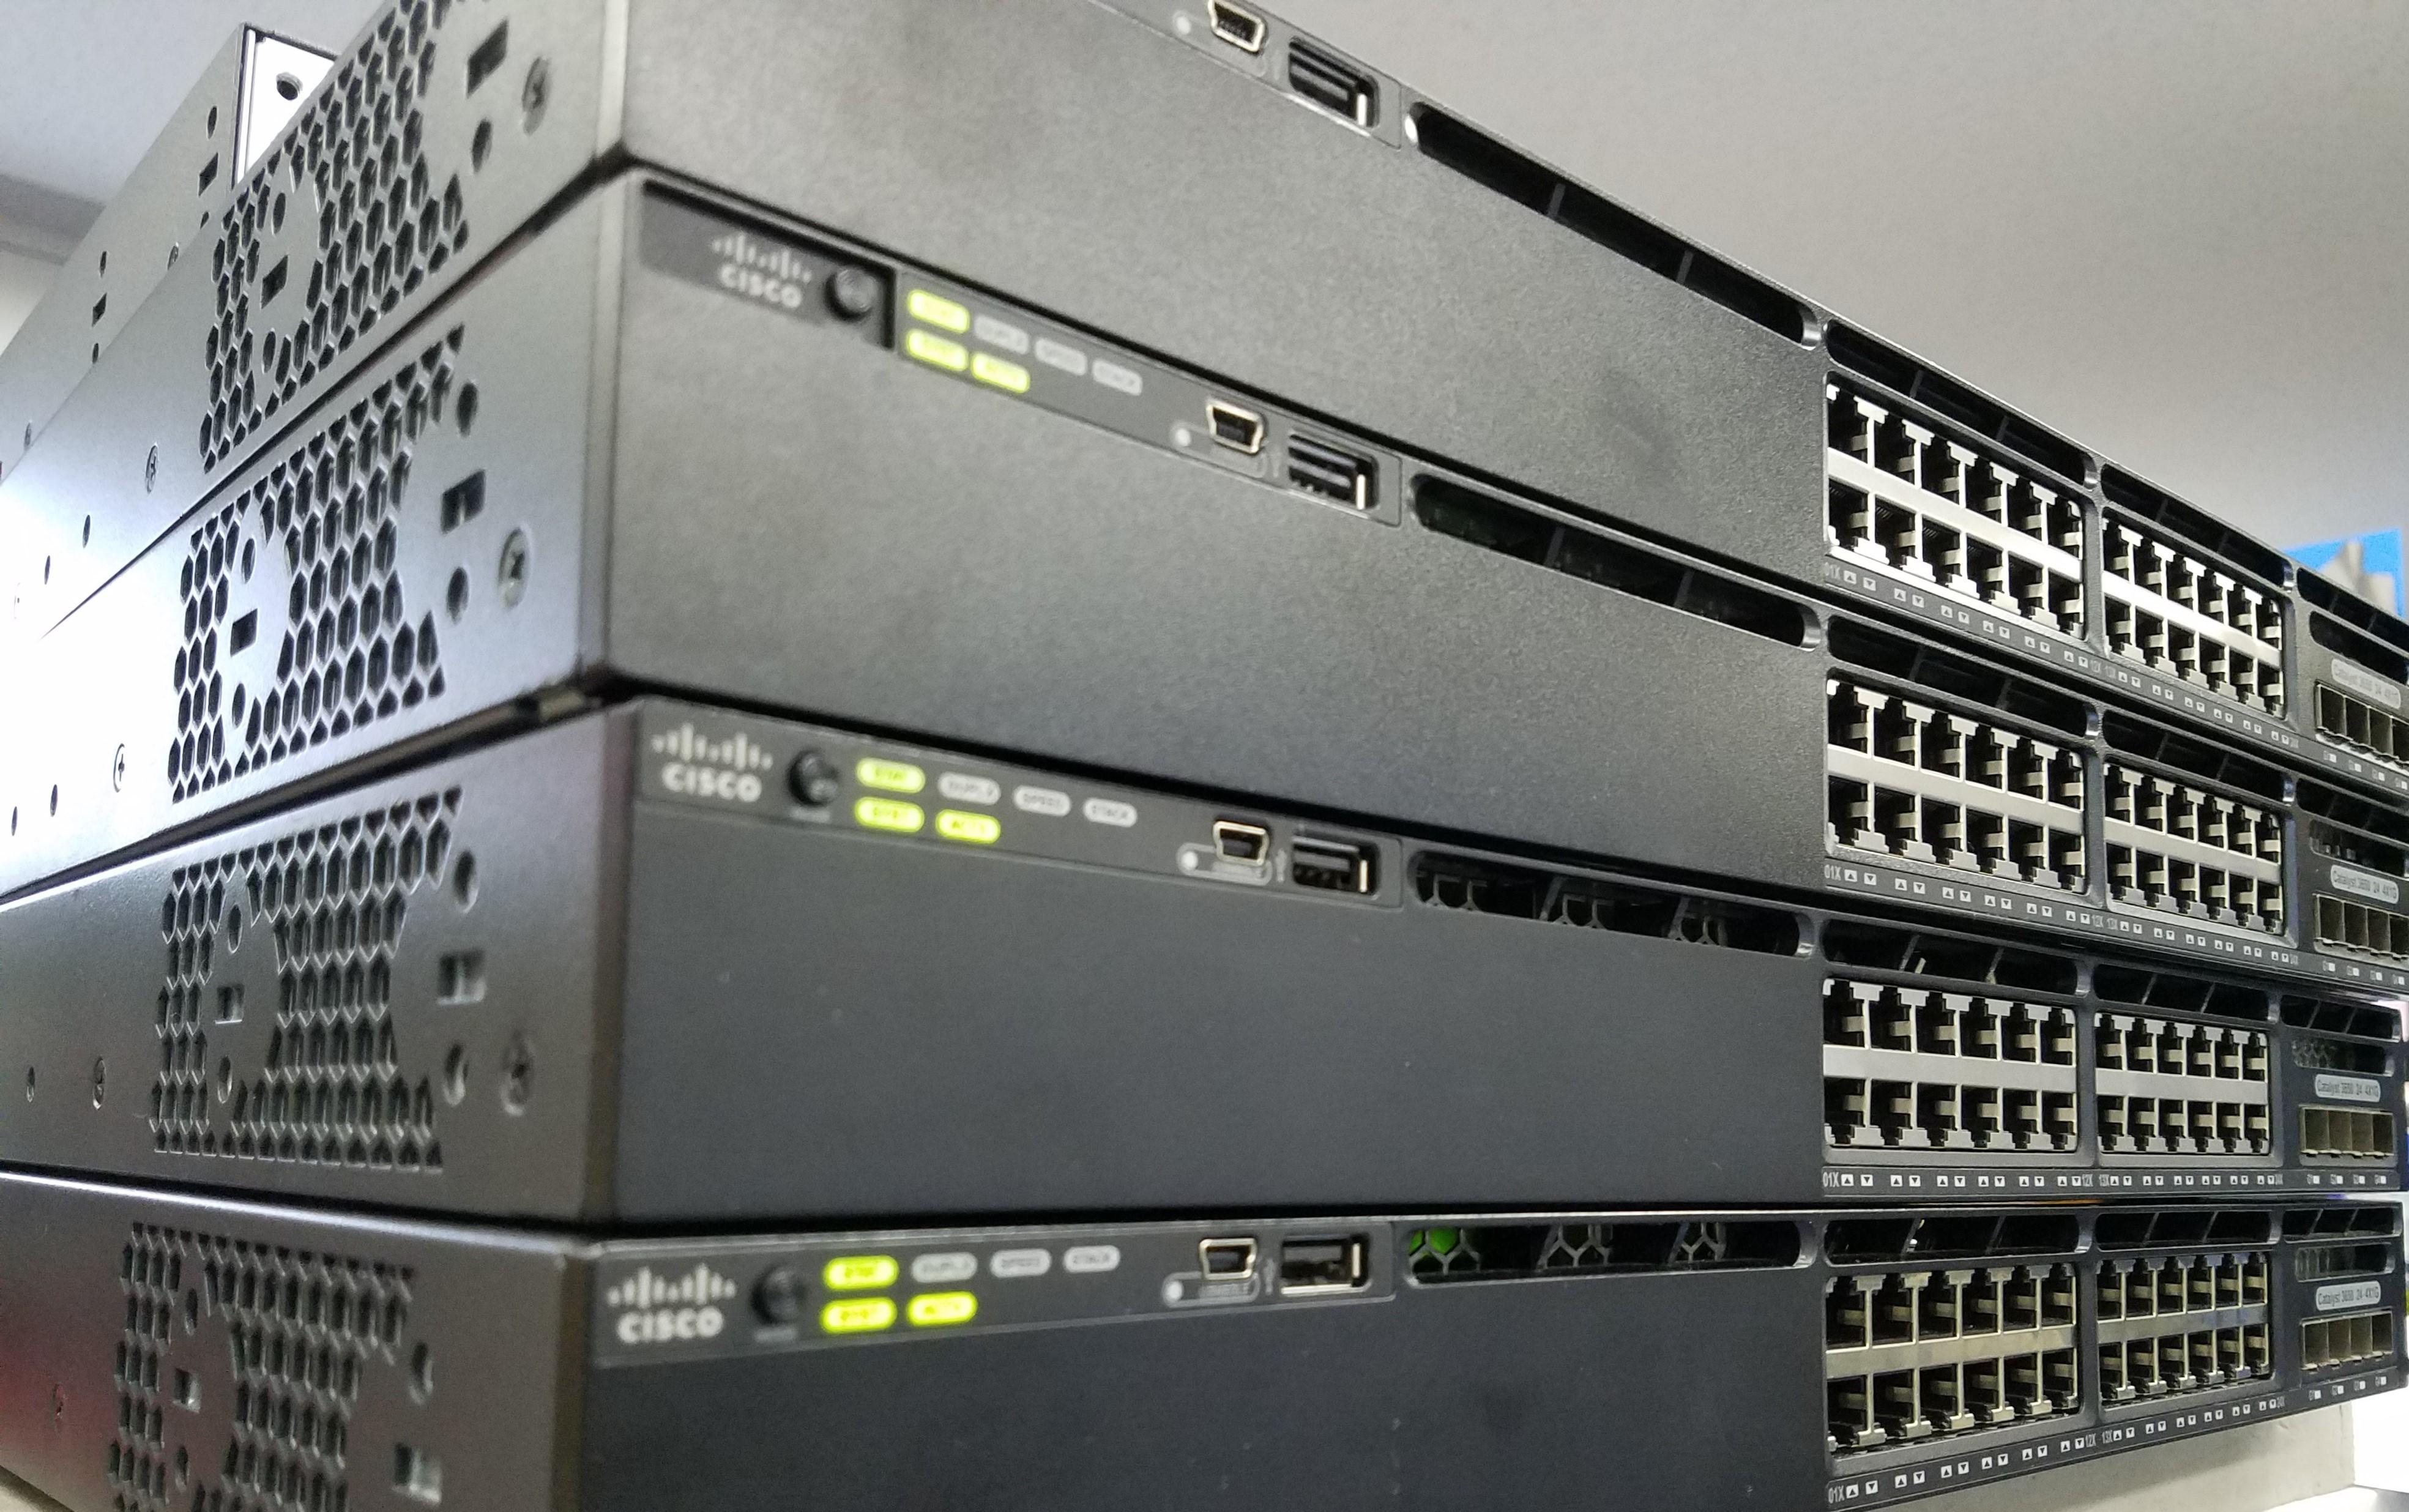 Oracle DatabaseとMySQLの違い7つ|特徴についても解説のアイキャッチイメージ